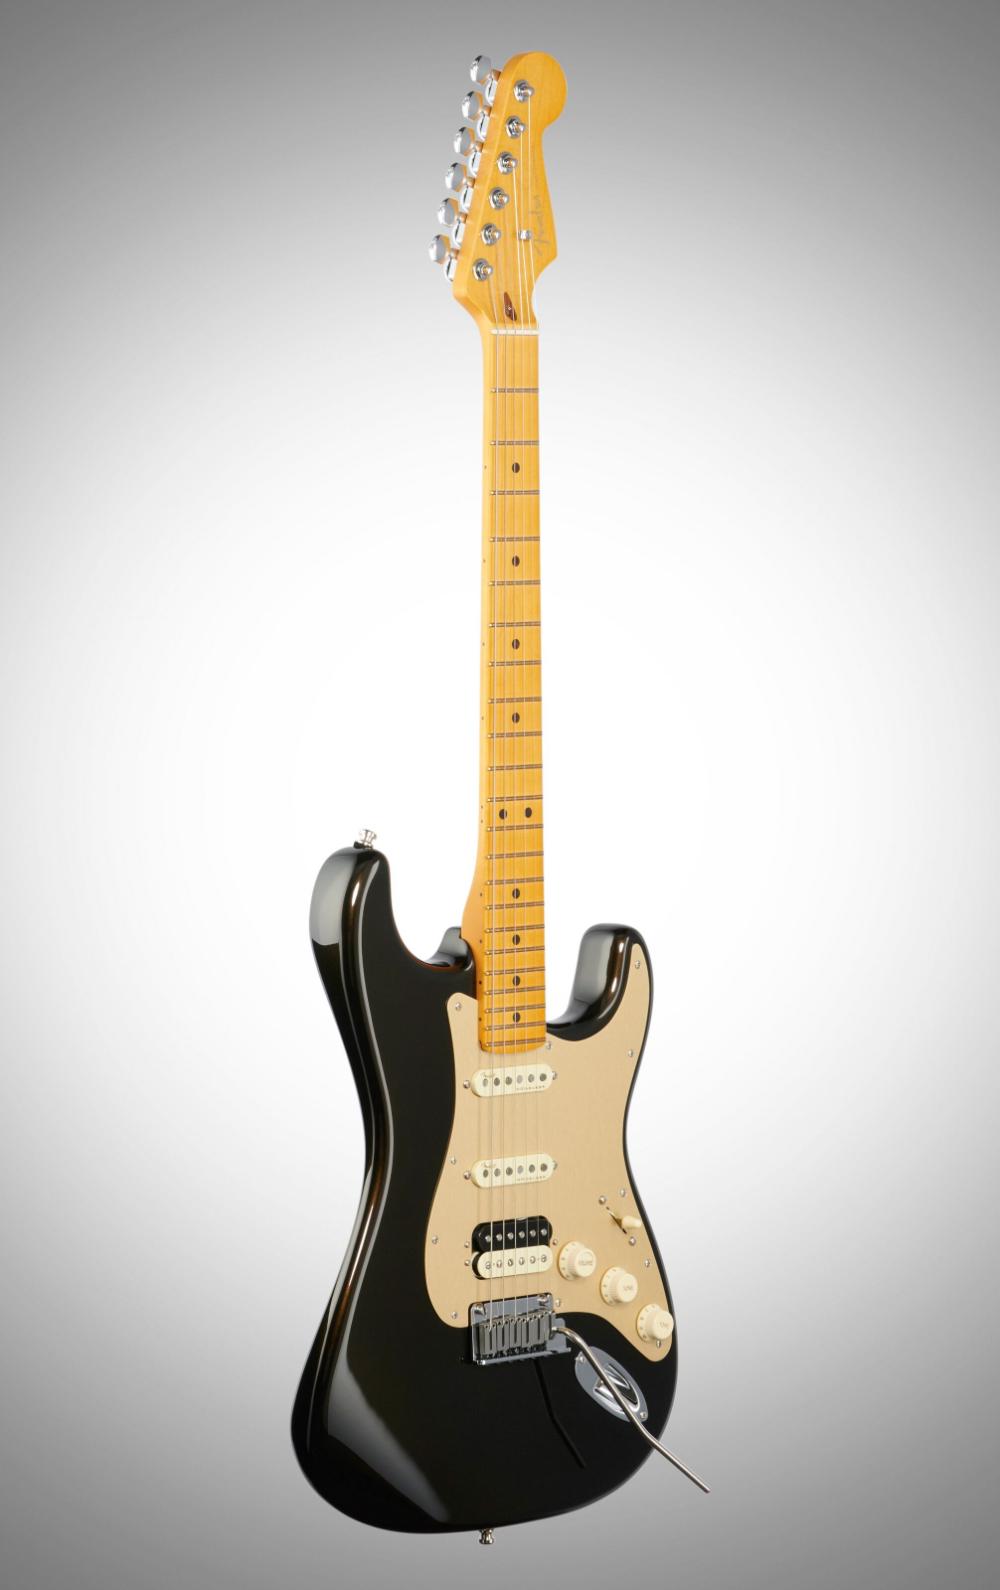 Fender American Ultra Stratocaster Hss Fender American Guitar Fender